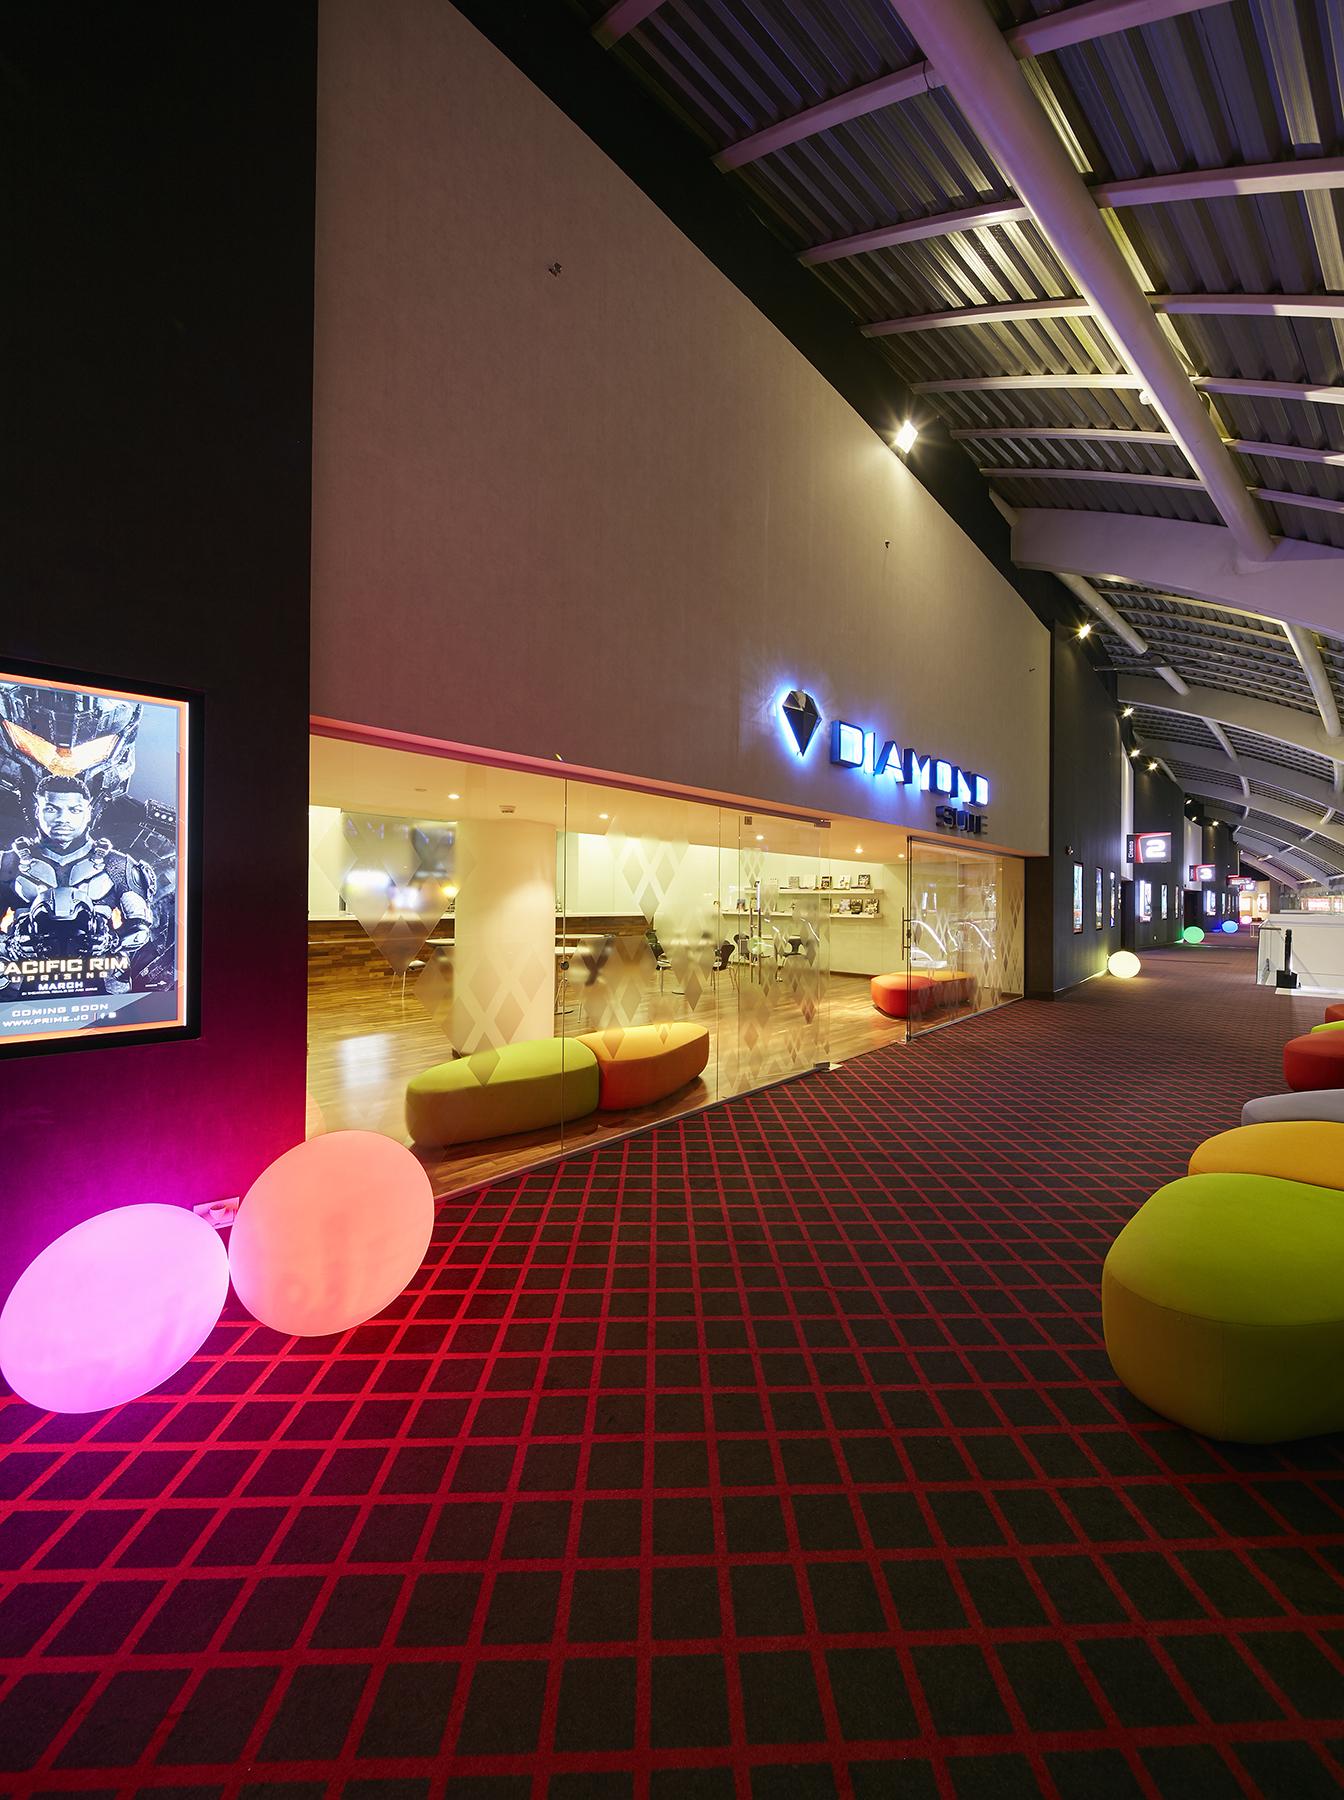 Diamond Suite, Prime Cinemas Abdali